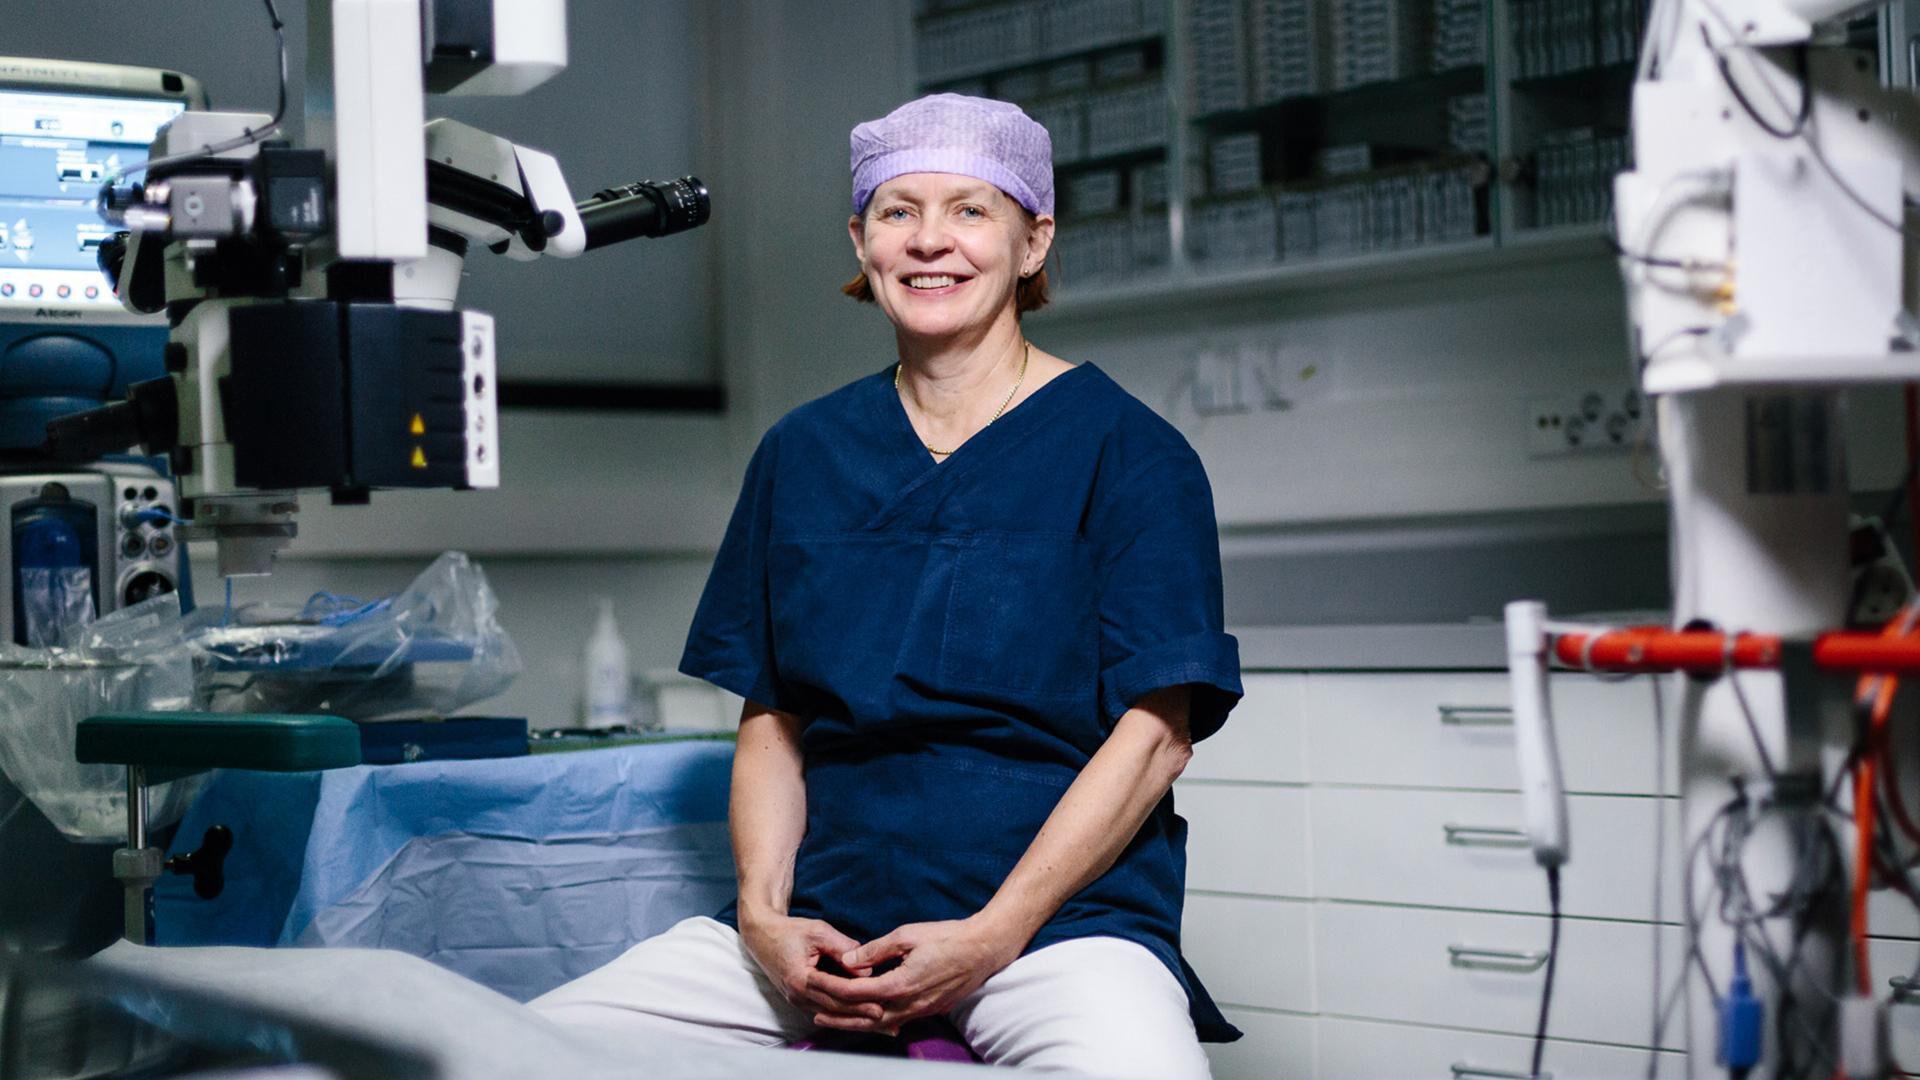 Silmäaseman silmäsairaaloille on myönnetty arvostettu laatusertifikaatti